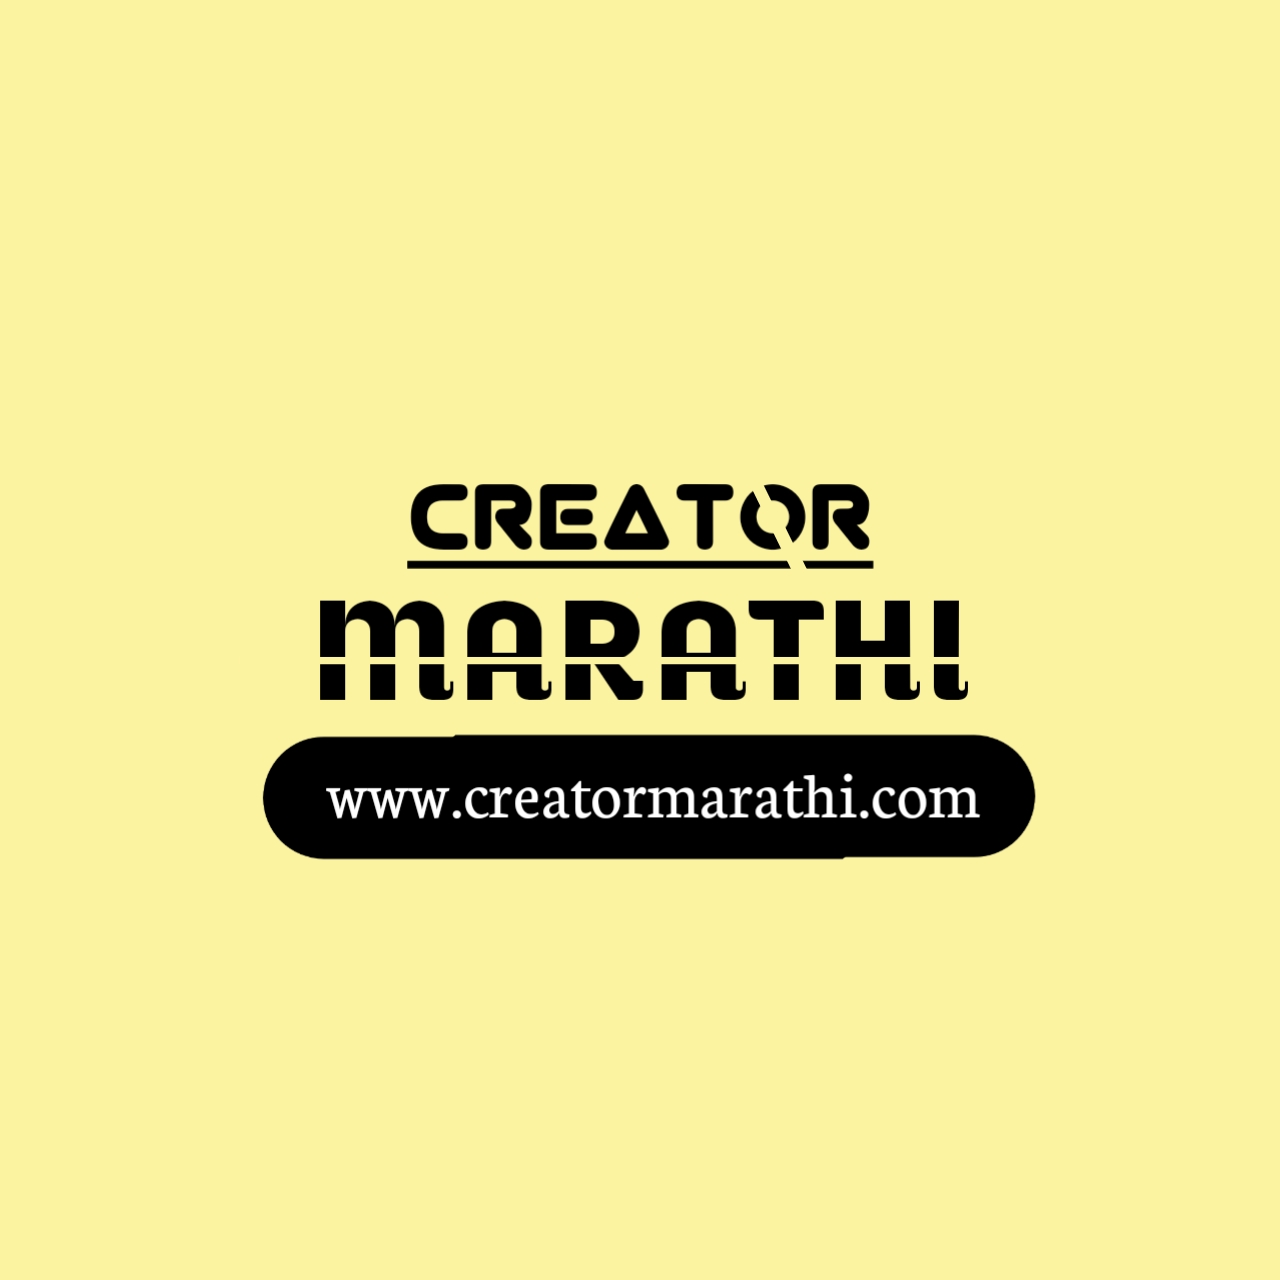 creatormarathi.com